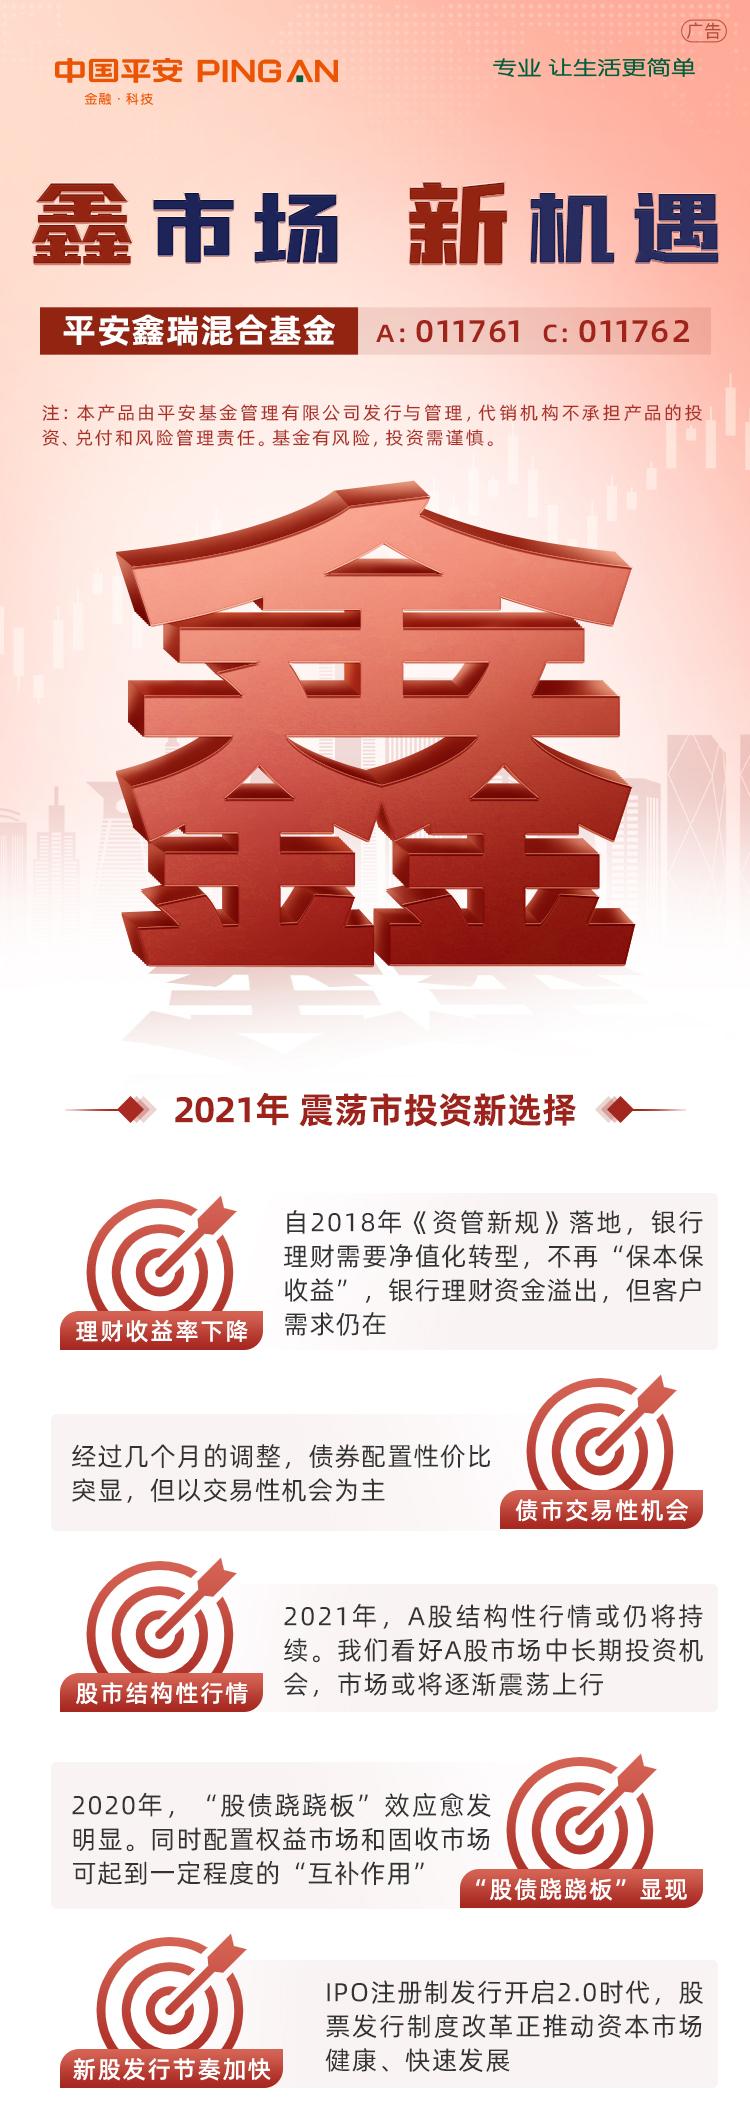 鑫市场 新机遇|平安鑫瑞混合基金3月29日起公开发售!